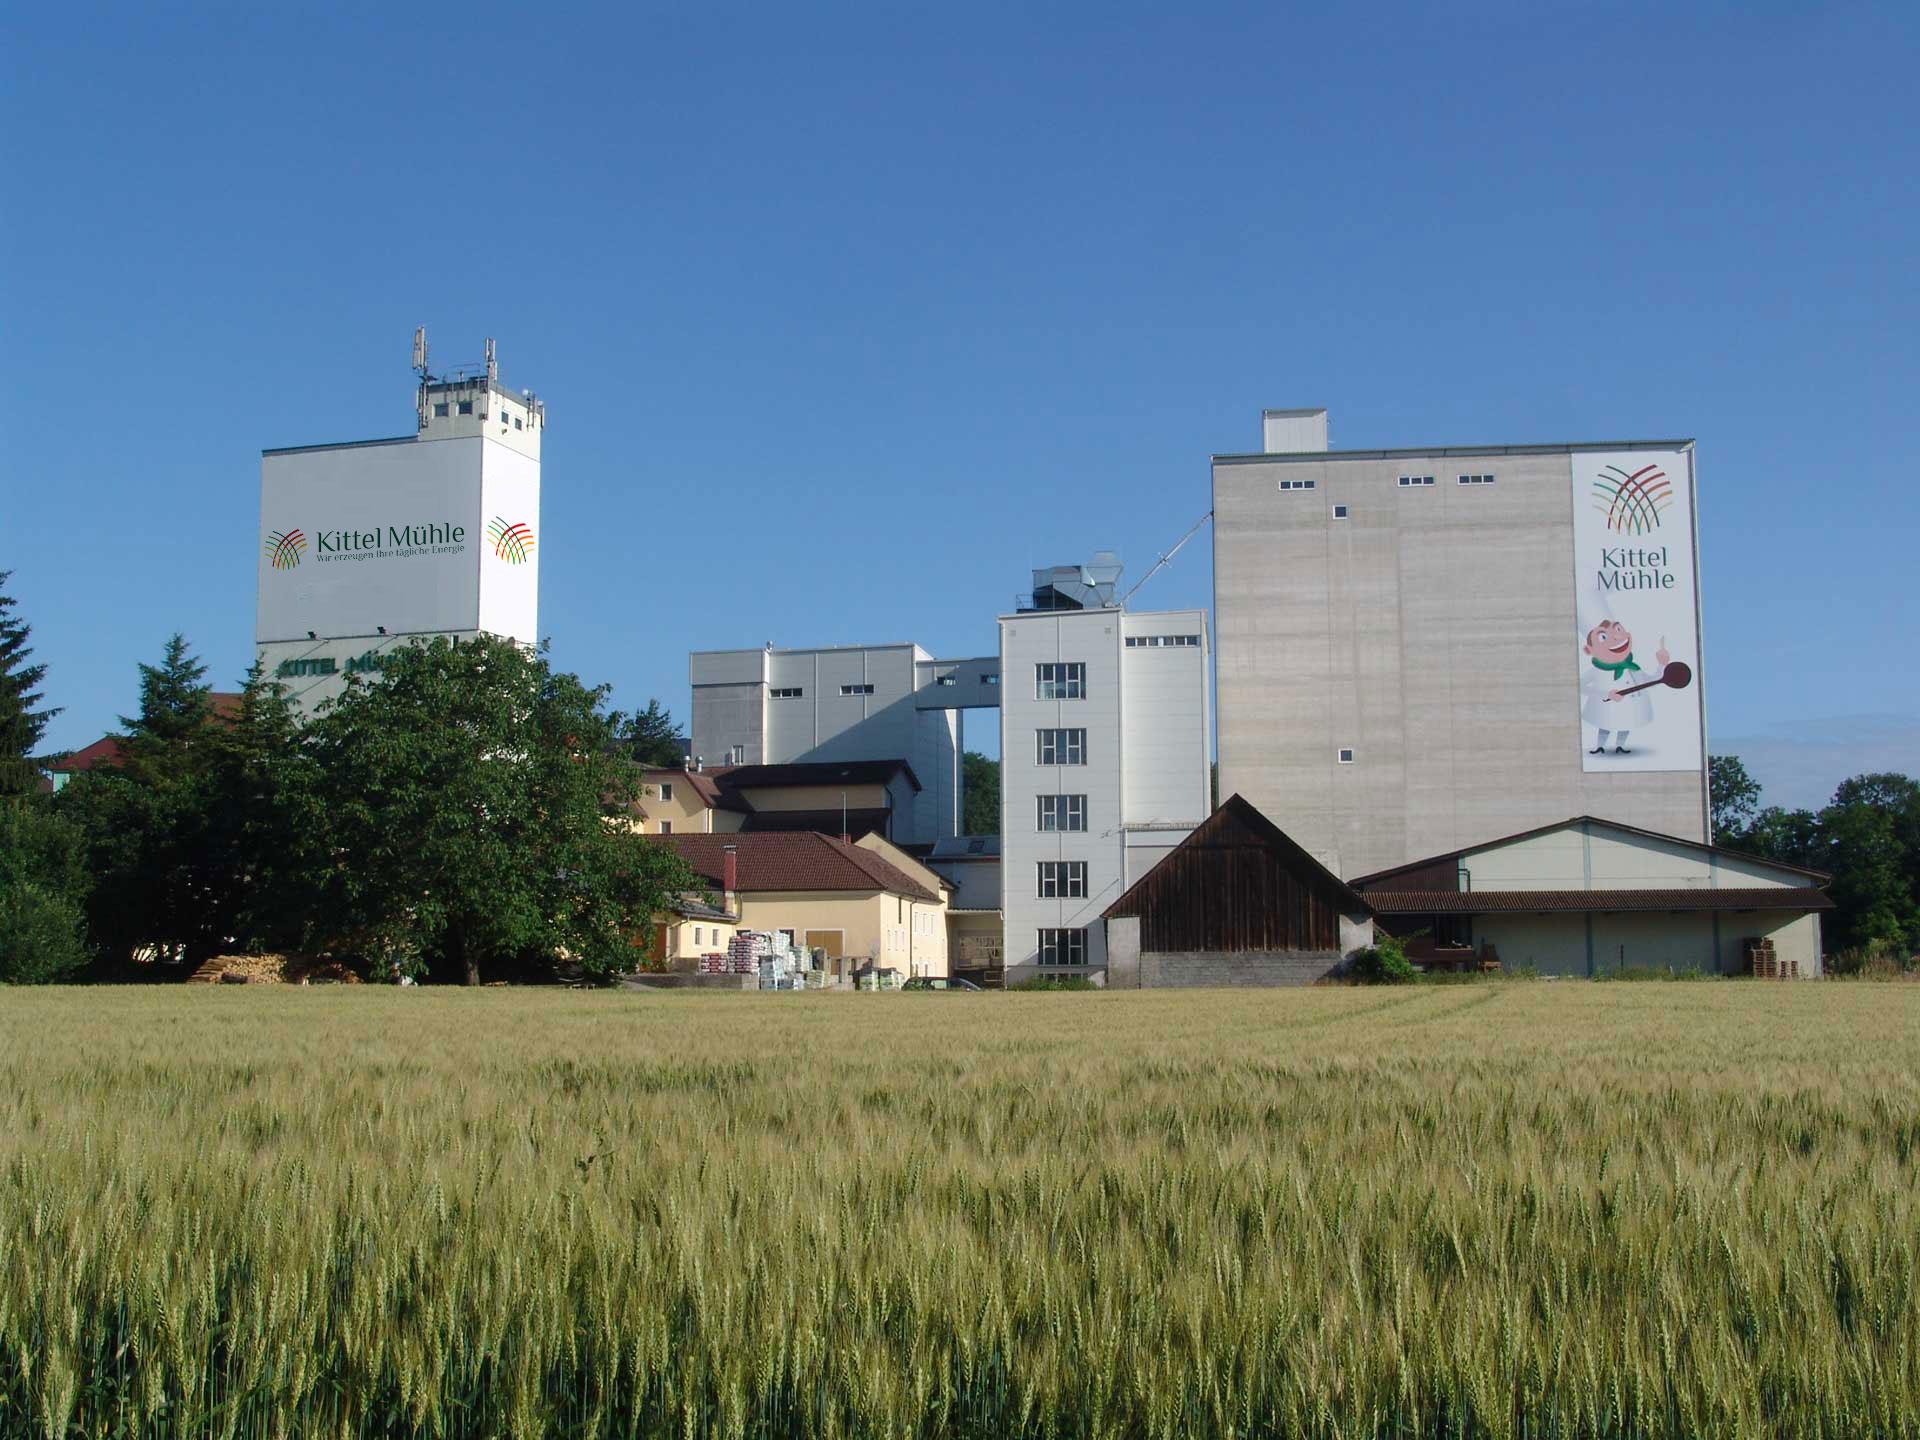 Kittelmühle